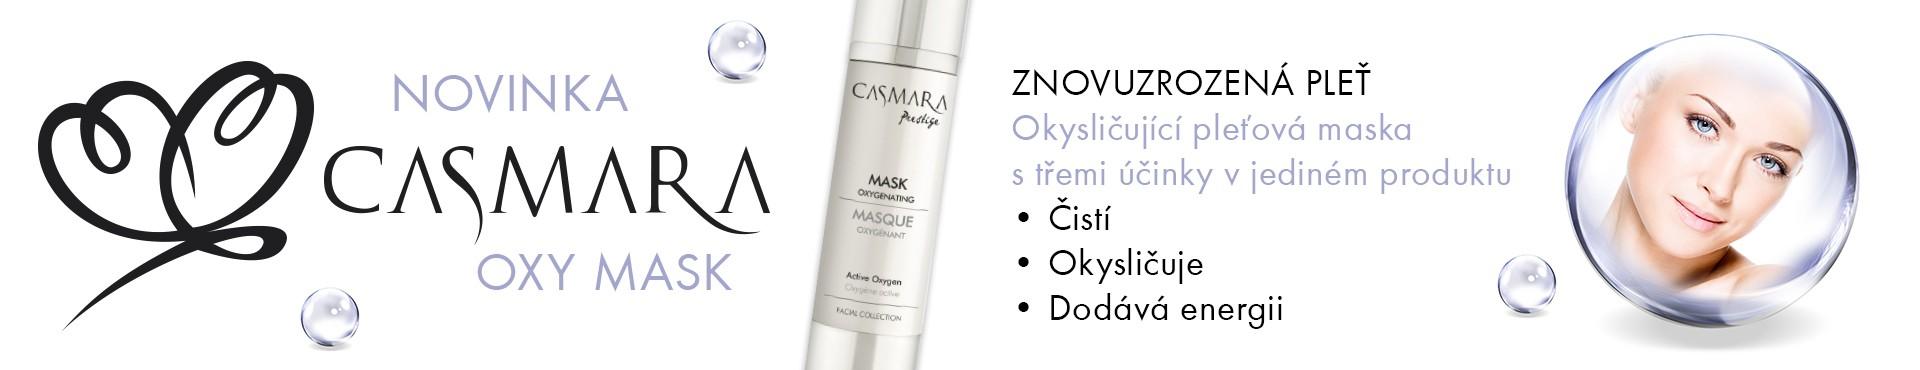 Oxy Mask